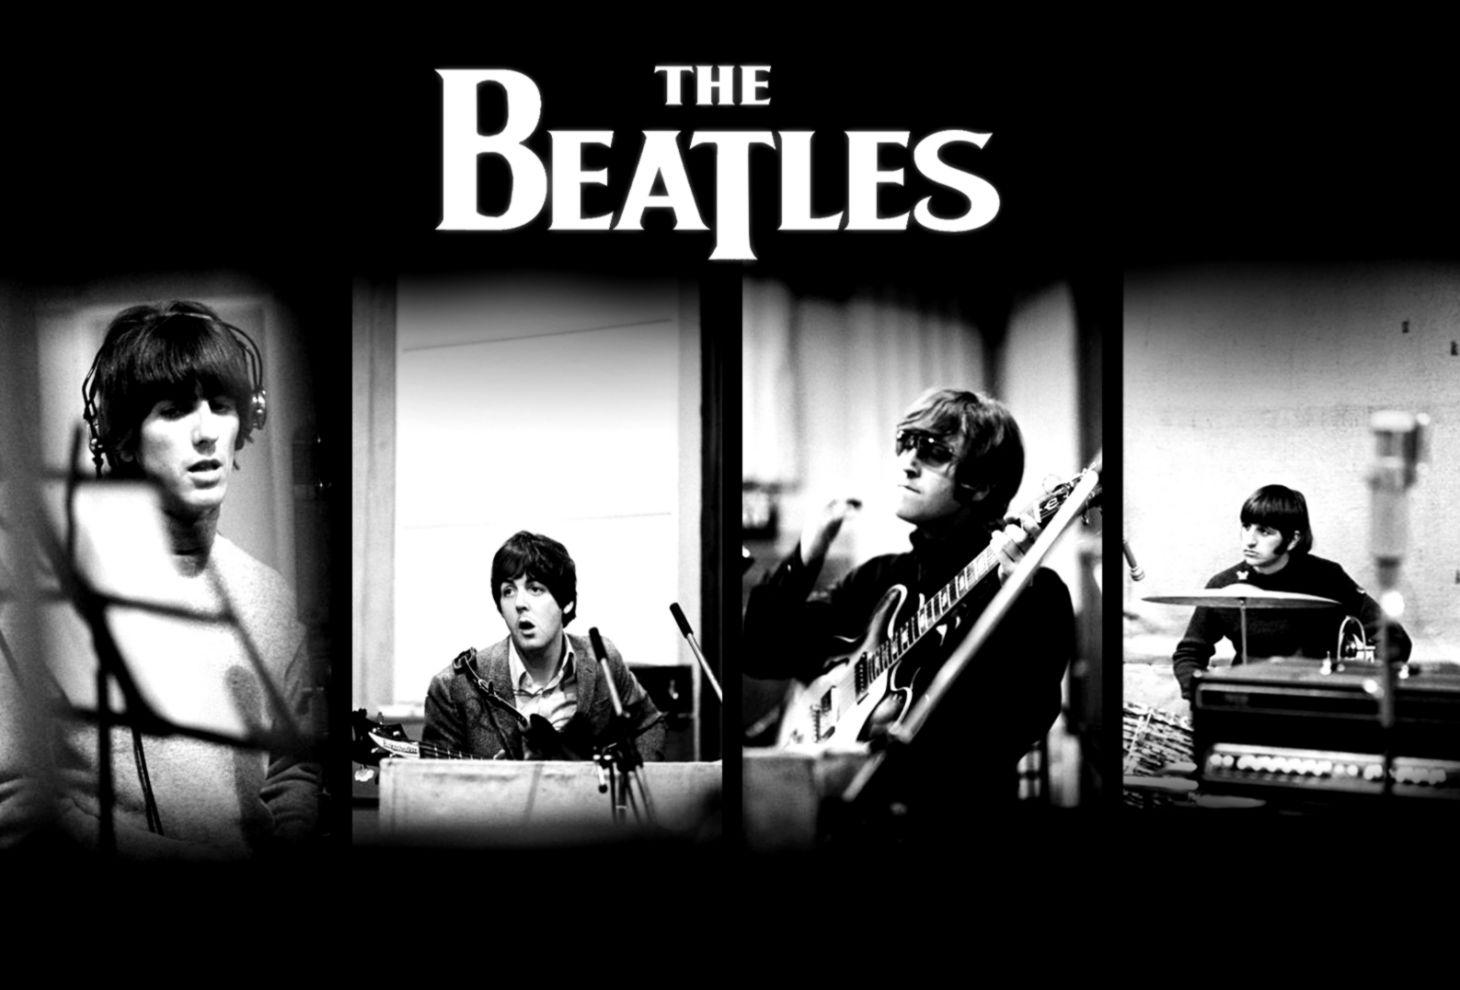 The Beatles Wallpaper by mushir on DeviantArt